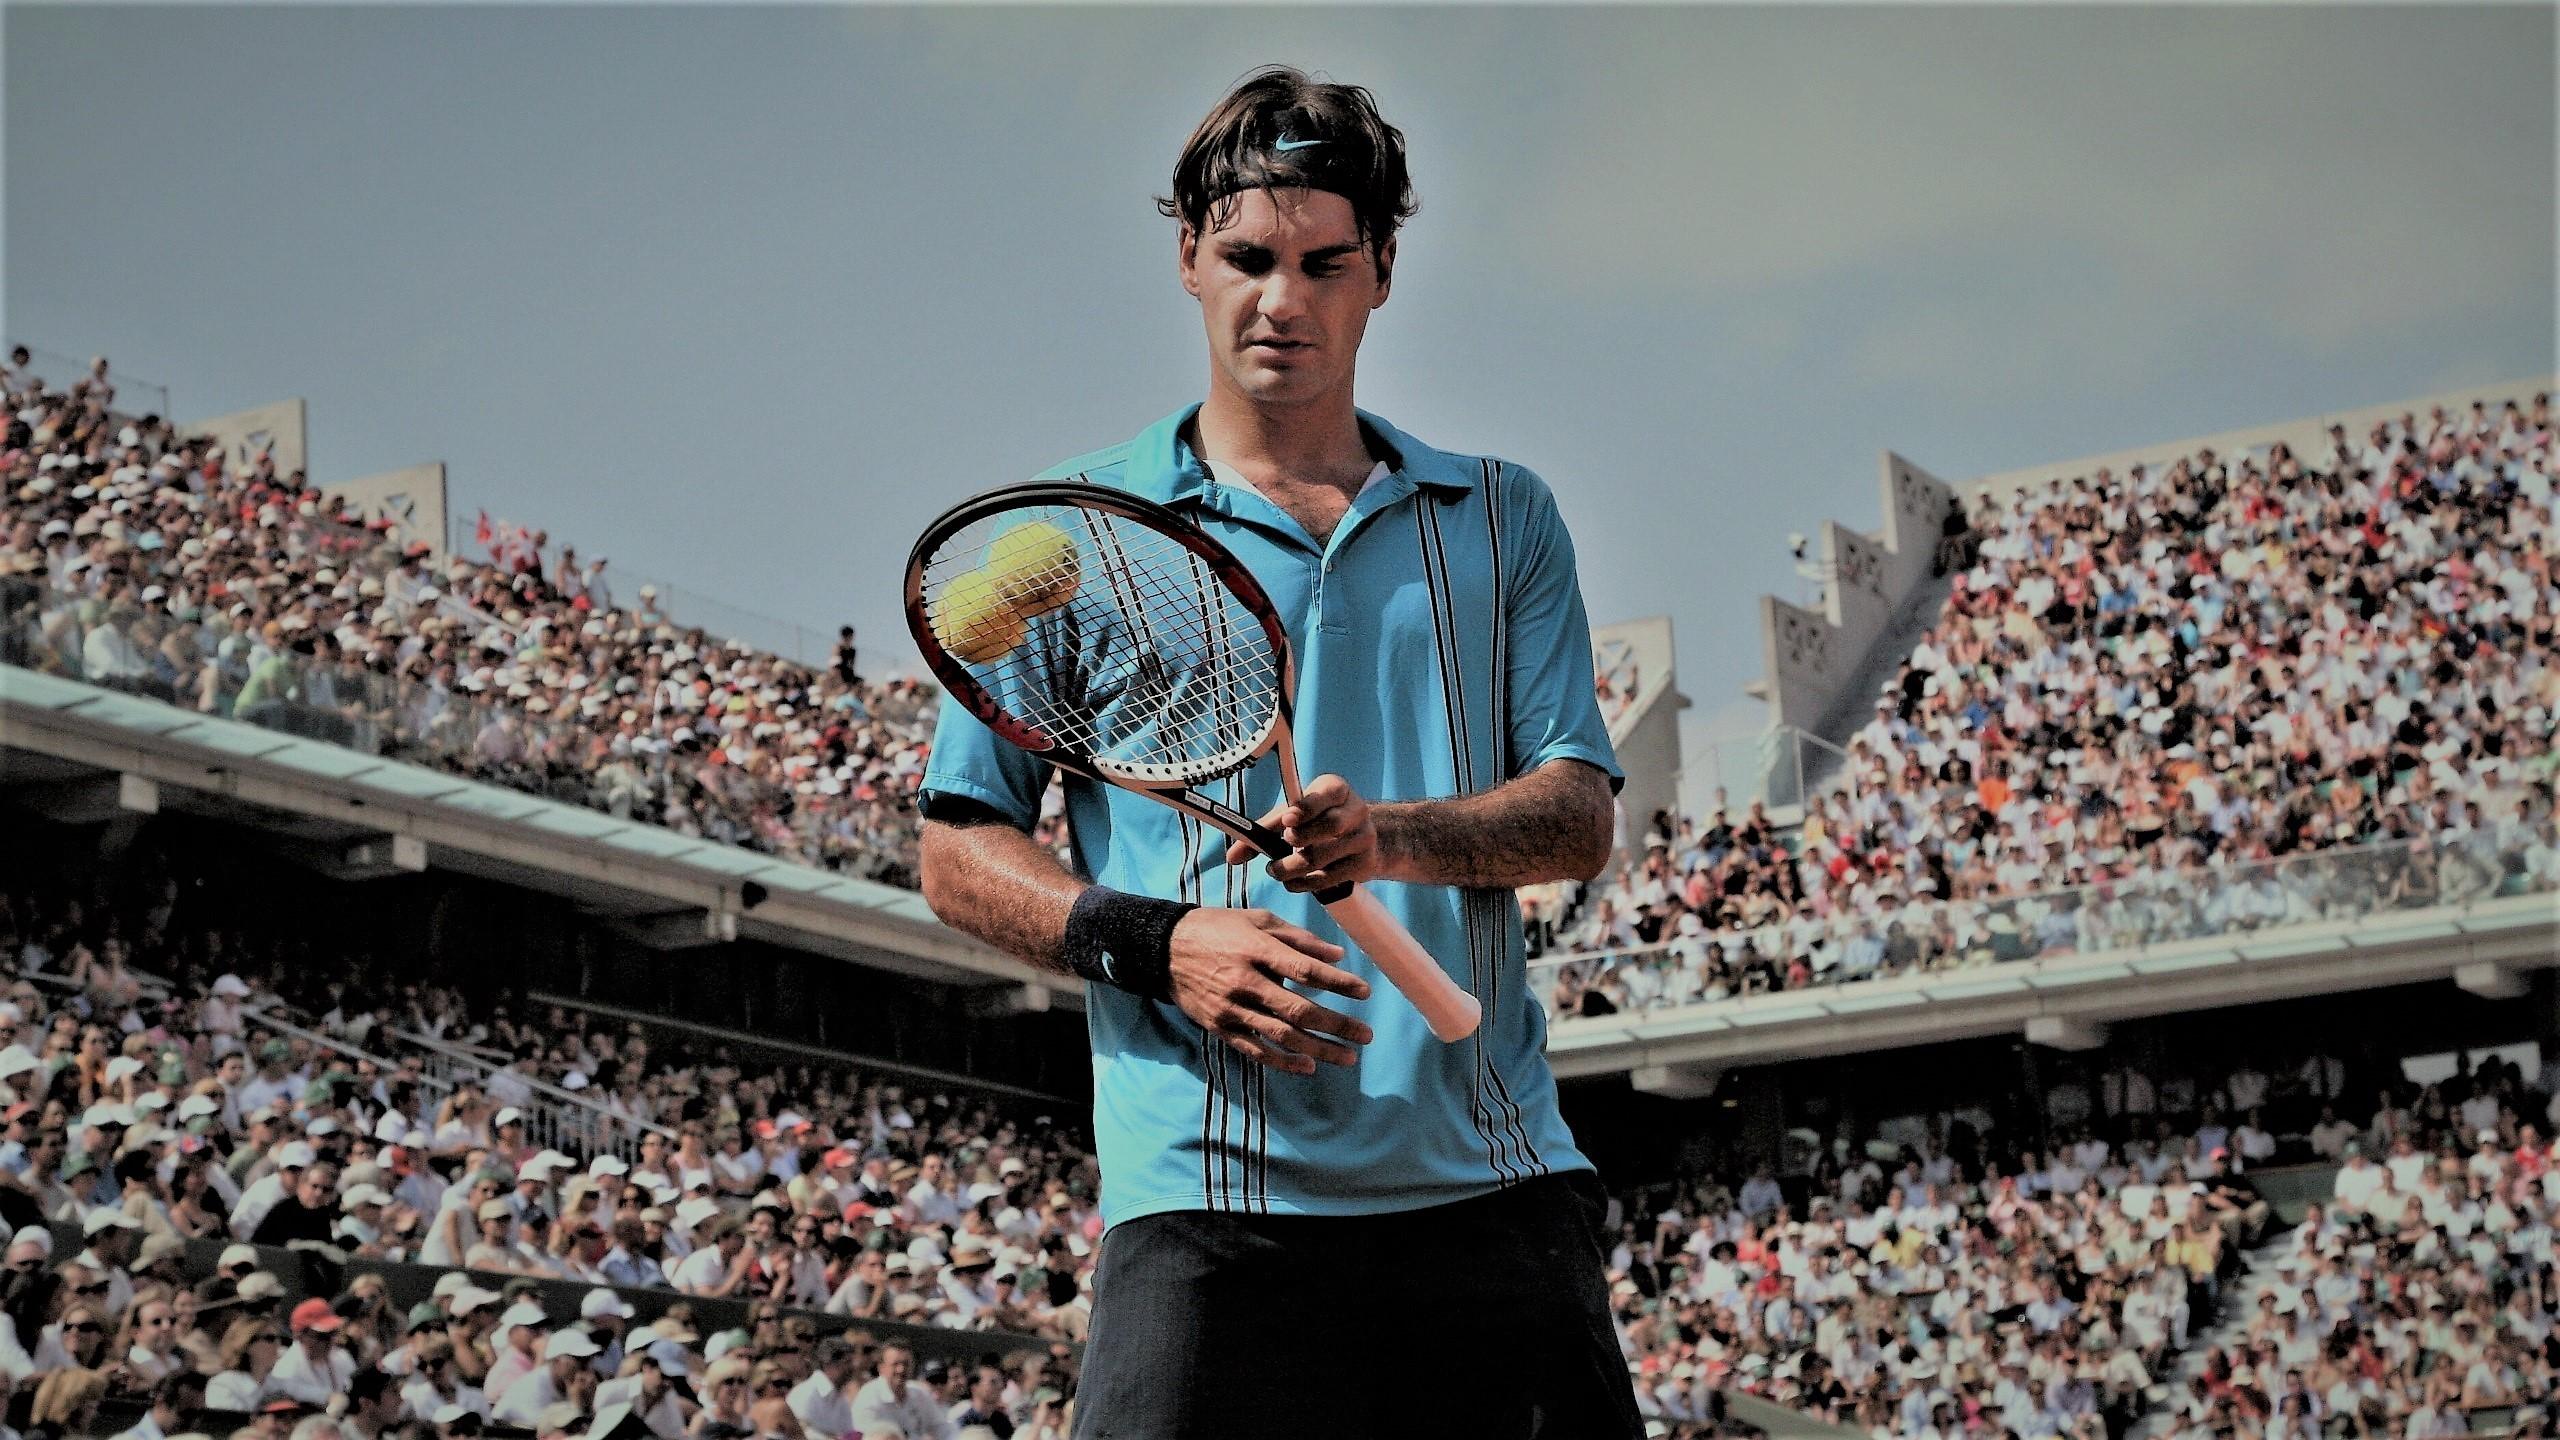 Roger Federer in the 2006 final at Roland-Garros